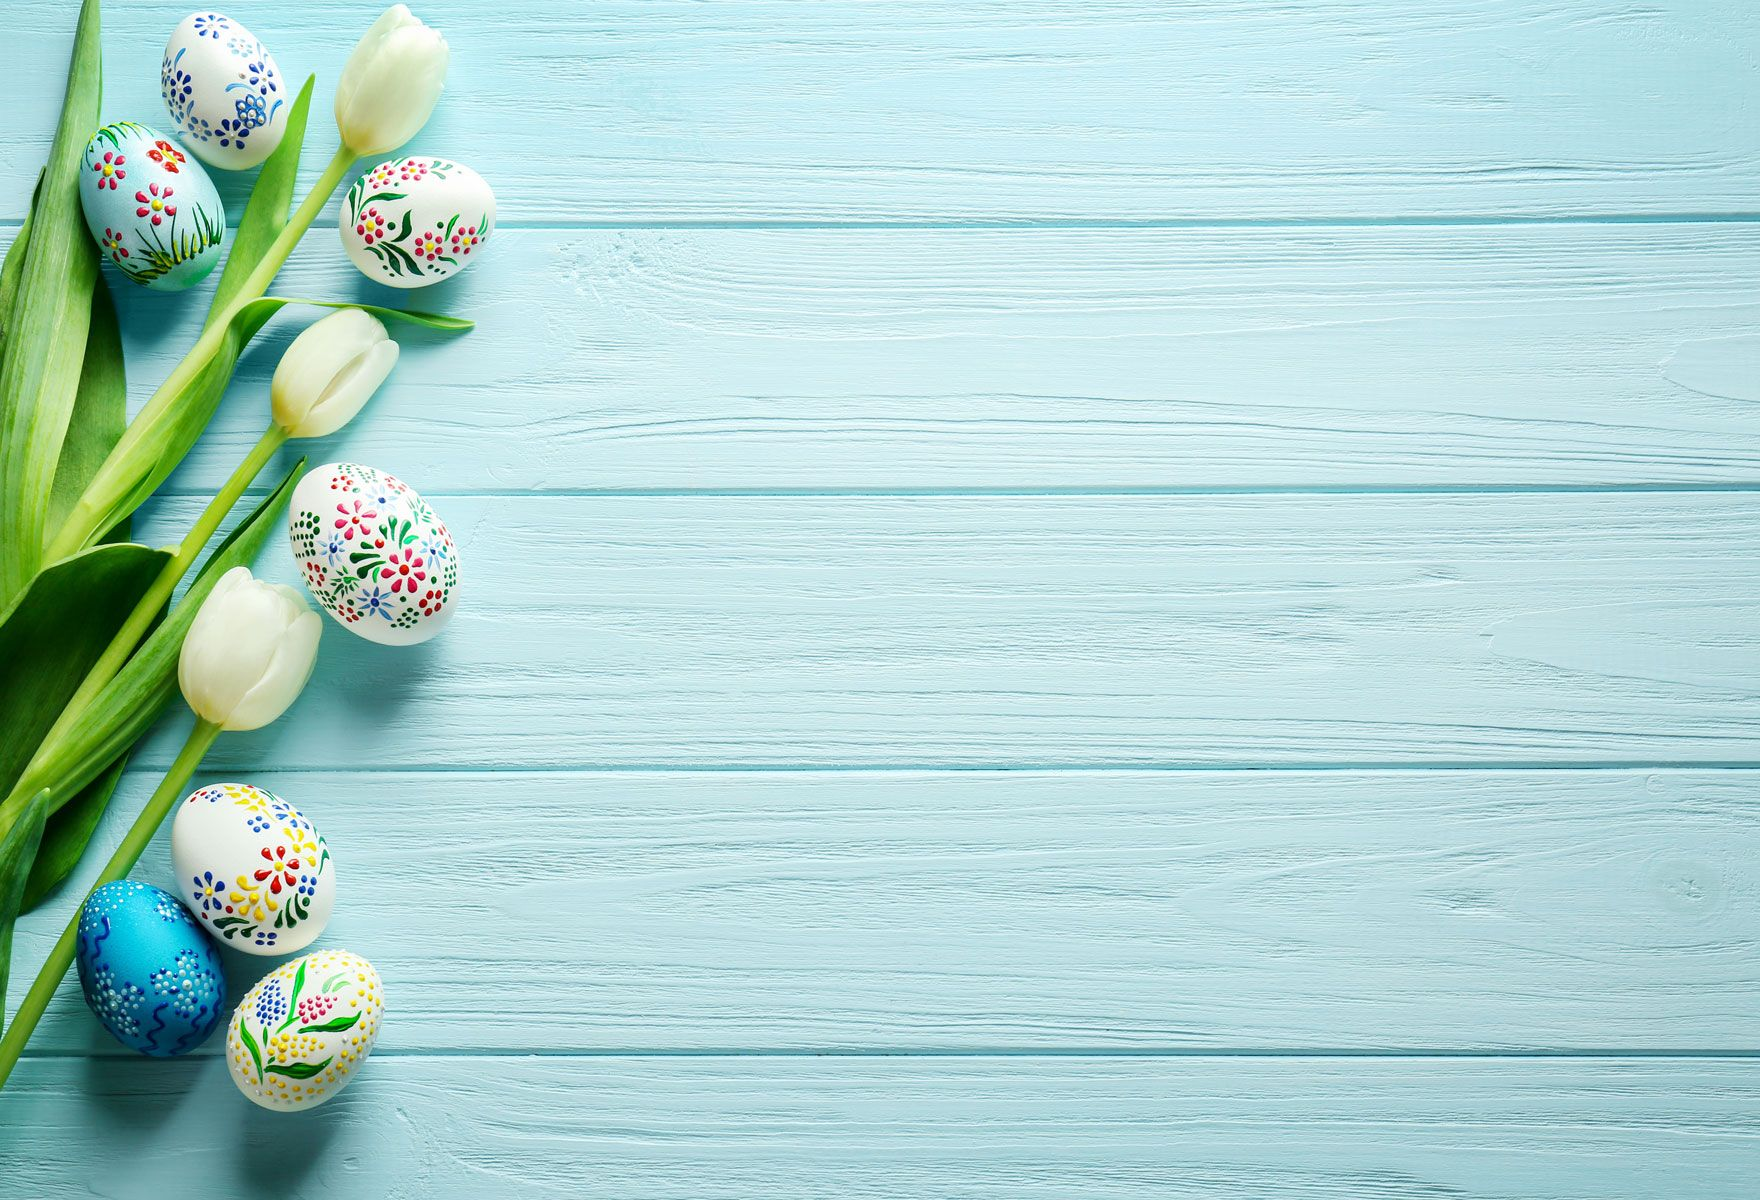 Kate Easter Egg Light blue Wooden Wall Background Still